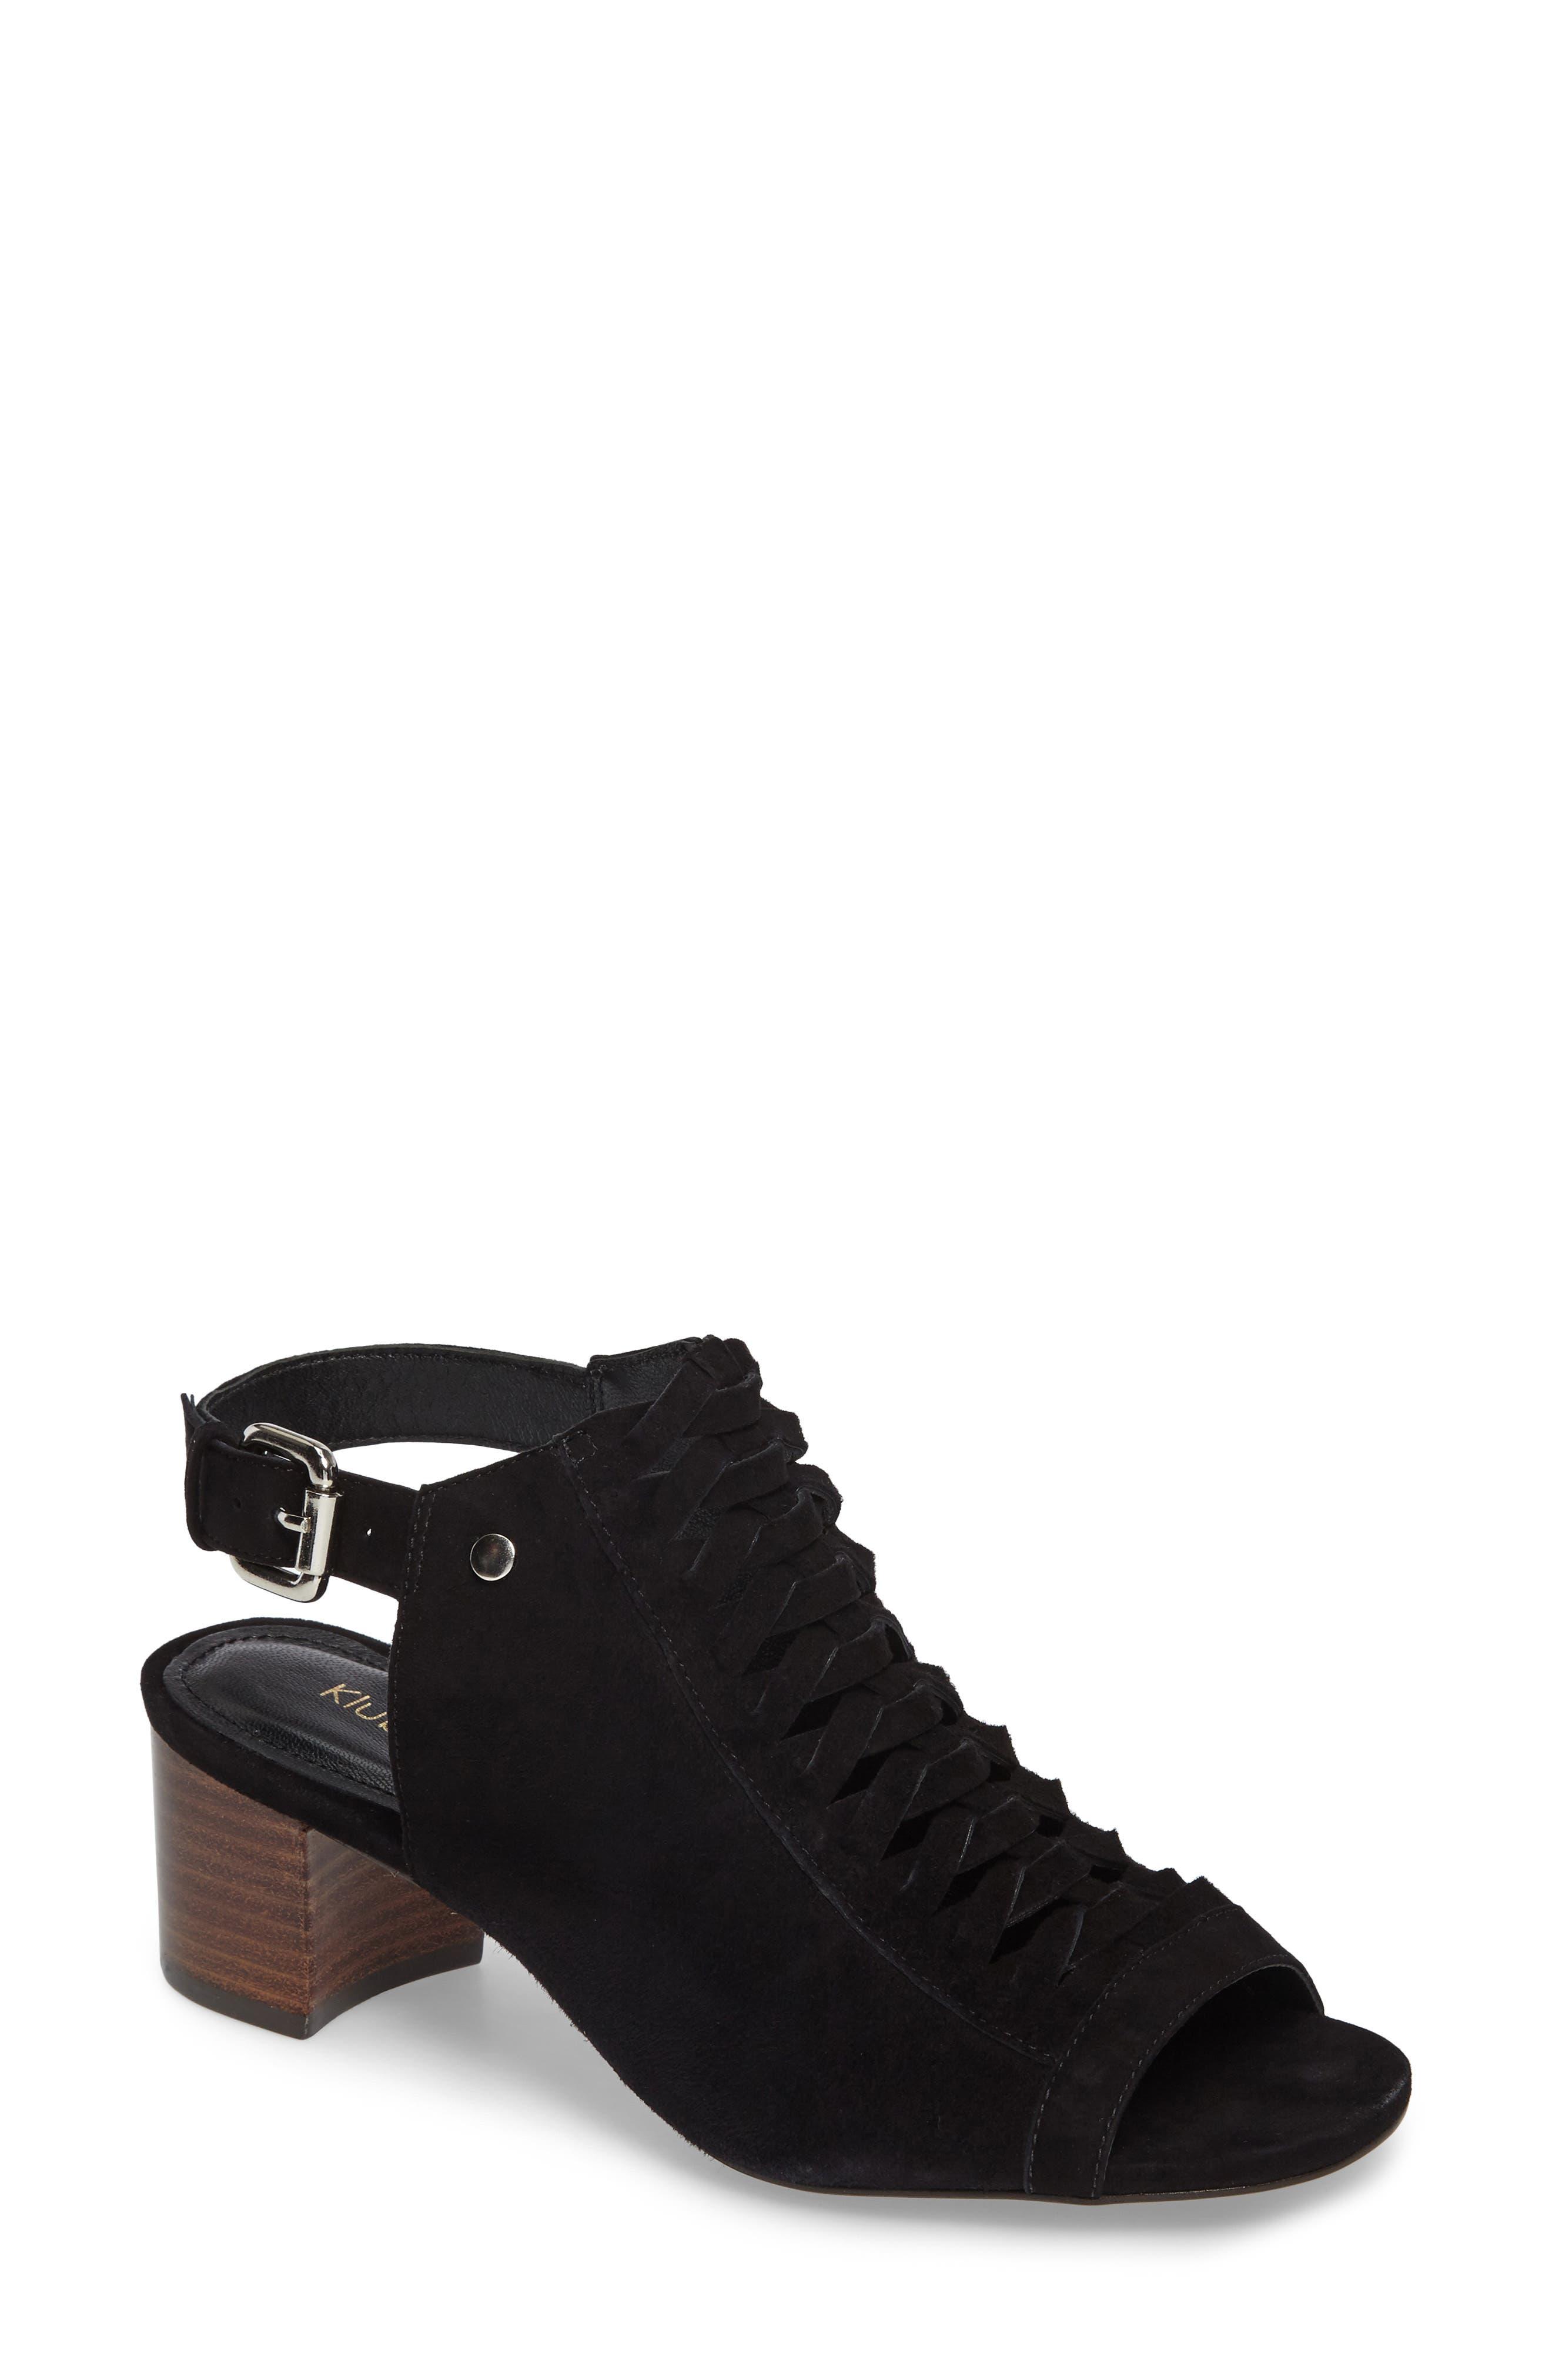 Dallas Woven Sandal,                             Main thumbnail 1, color,                             Black Suede